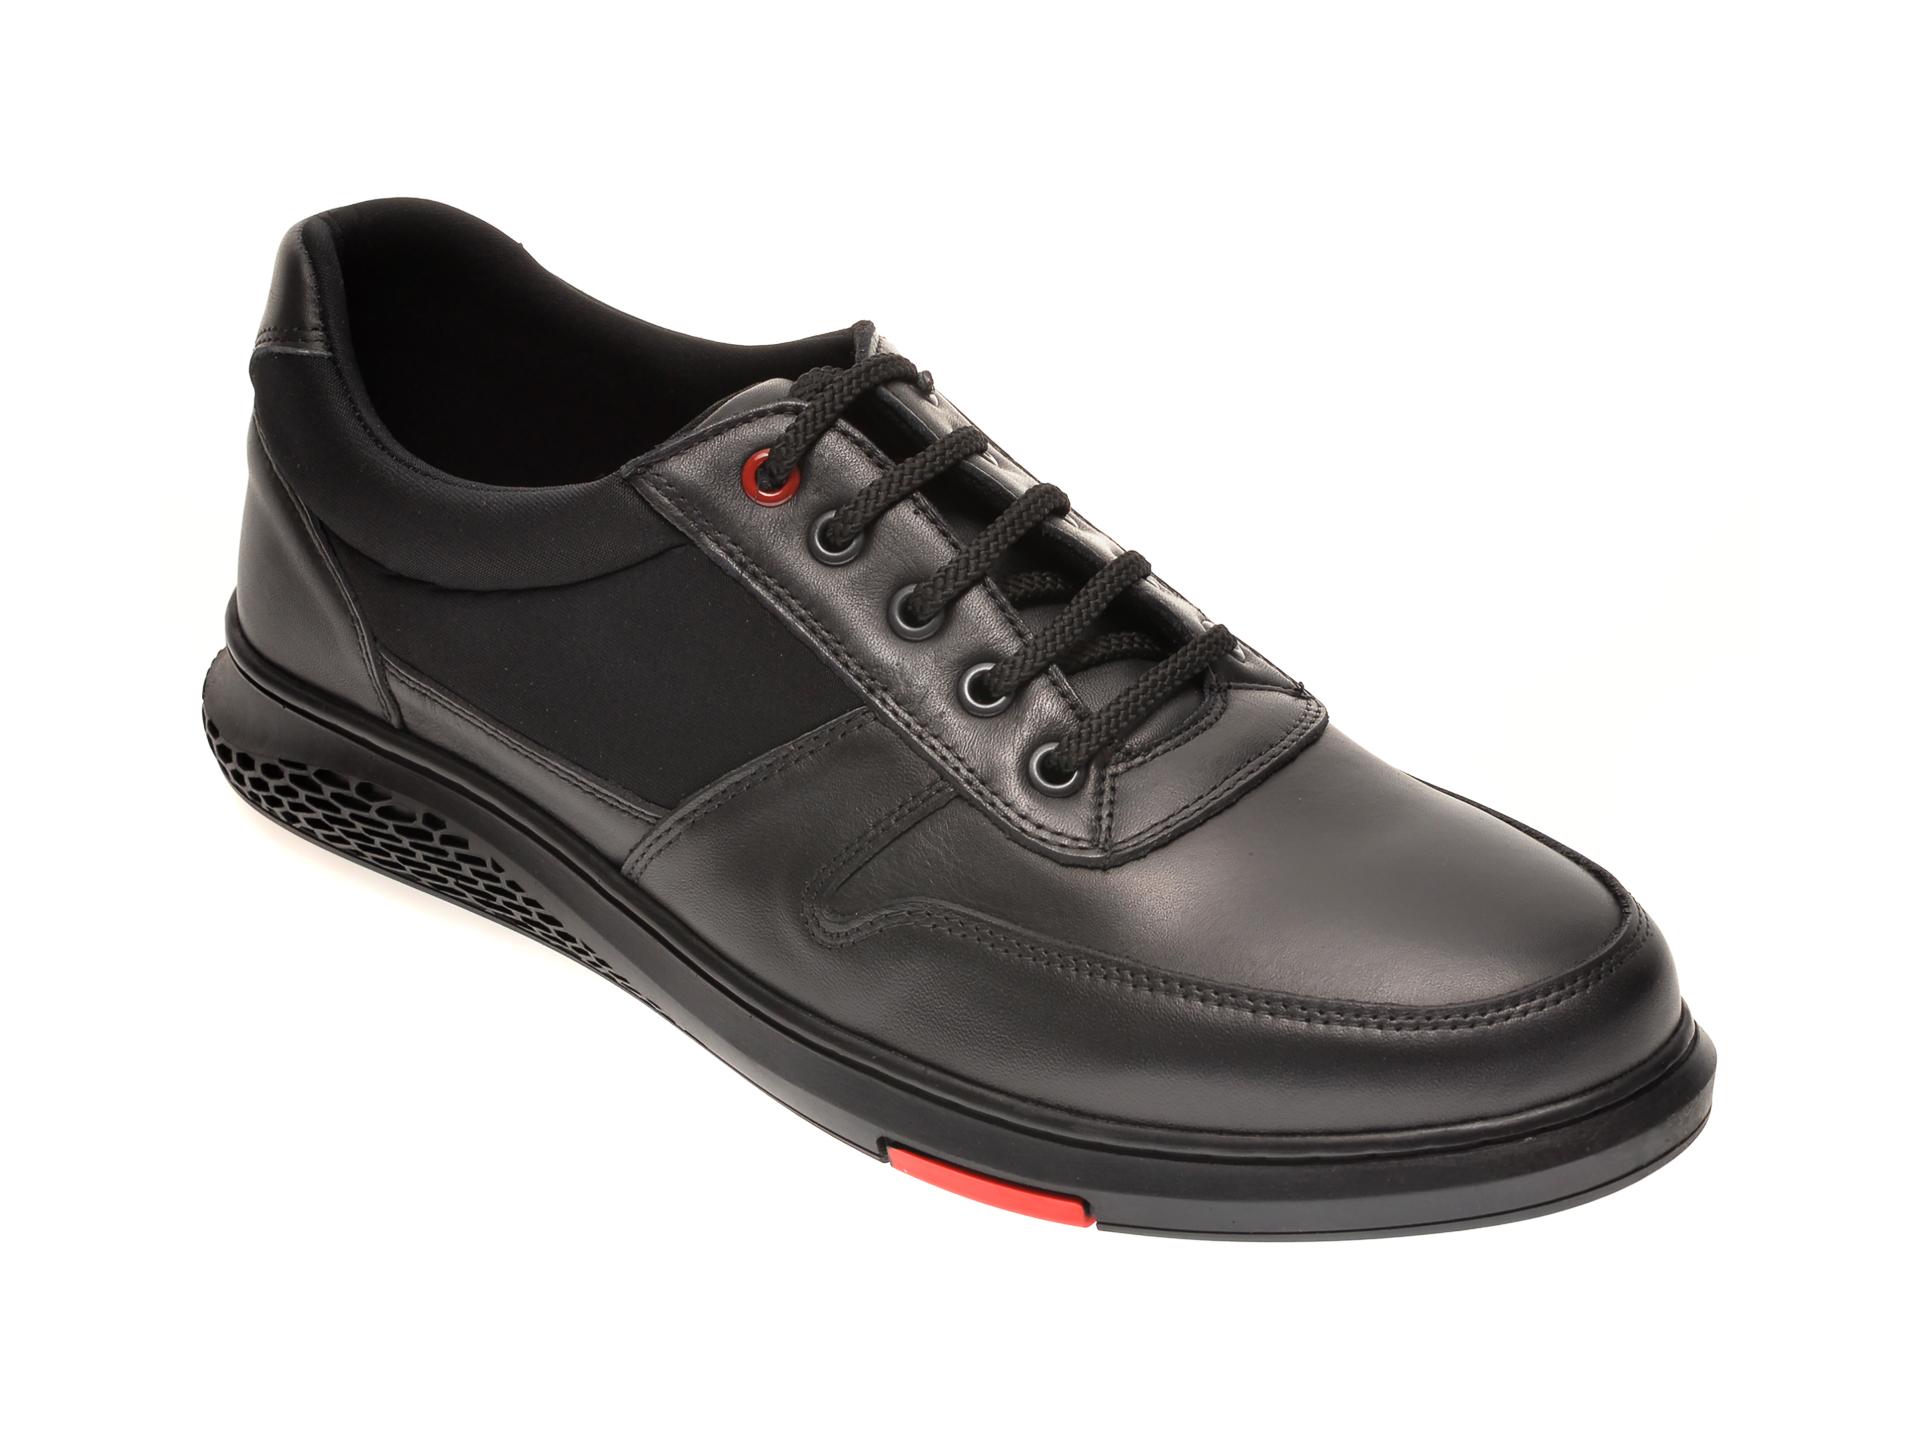 Pantofi OTTER negri, TUNA2, din material textil si piele naturala imagine